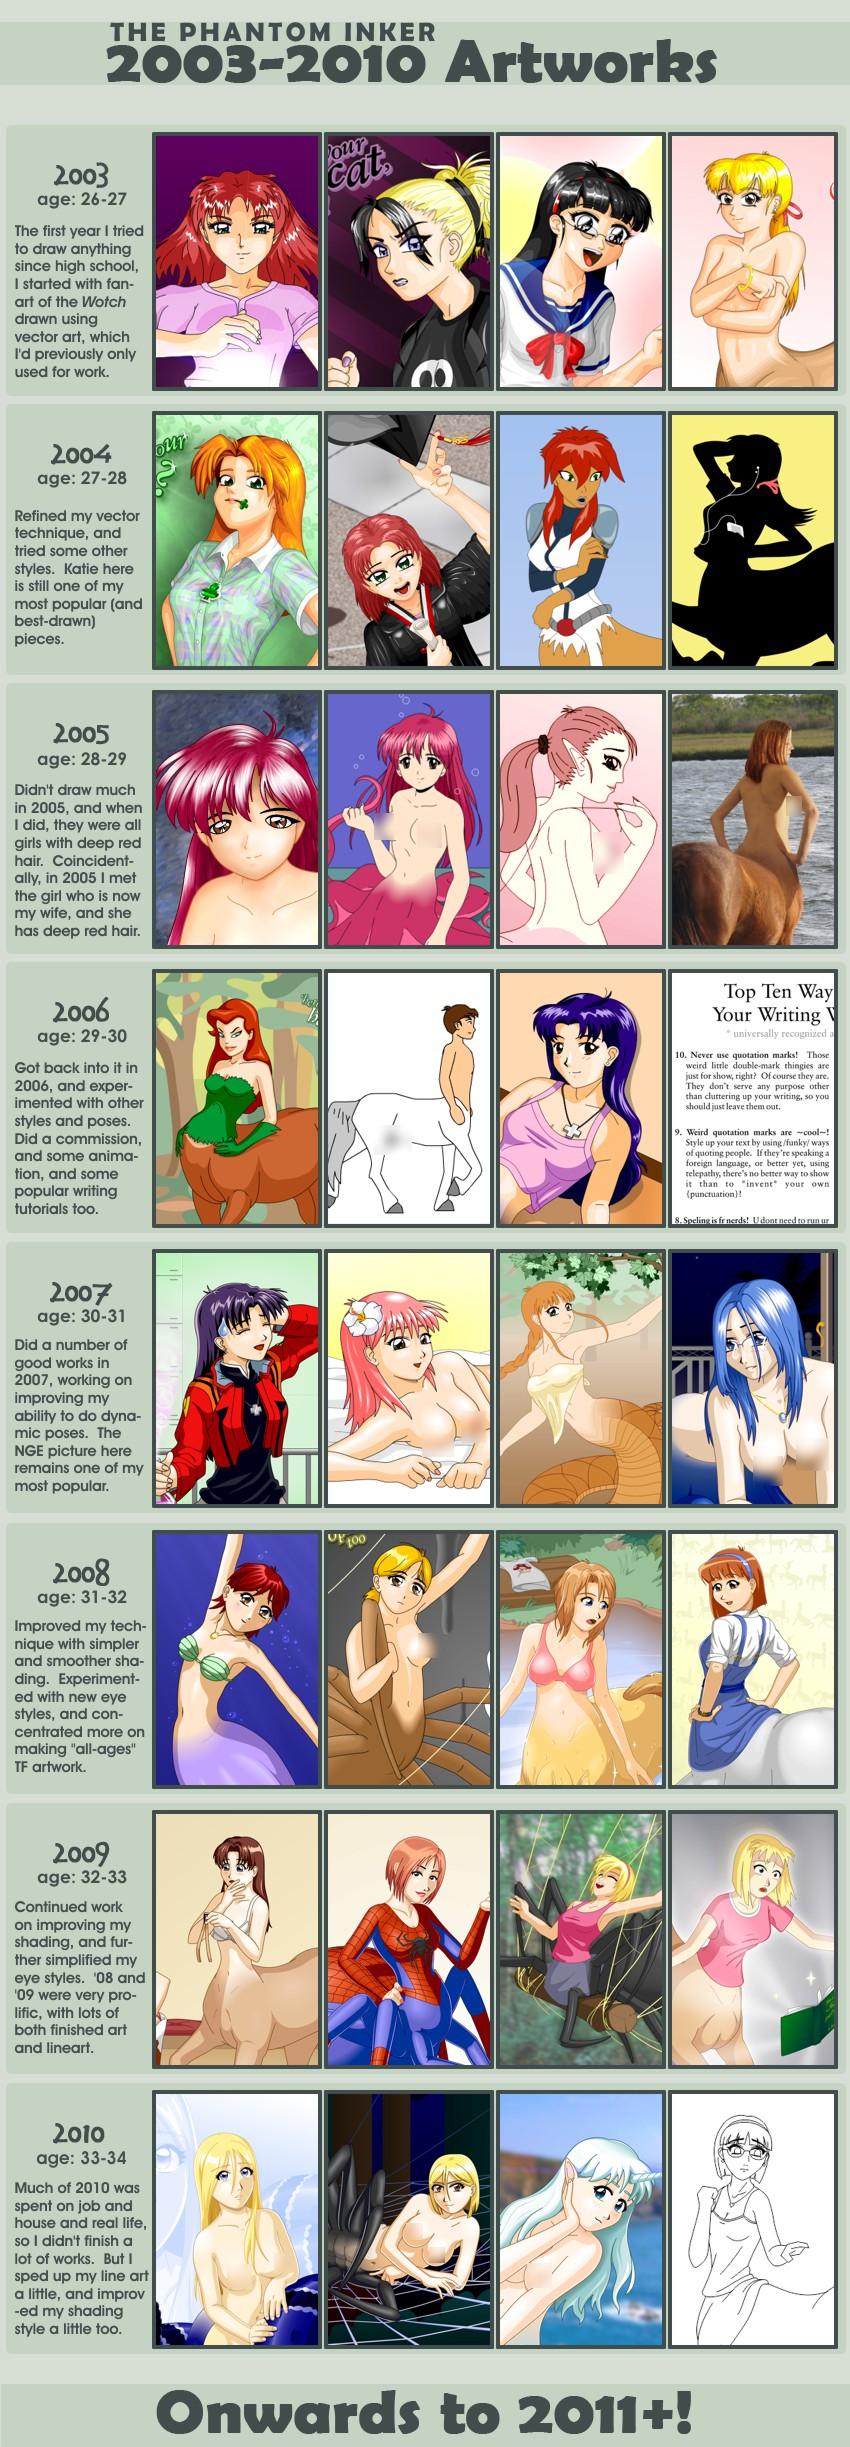 2003-2010 Artworks Meme by phantom-inker